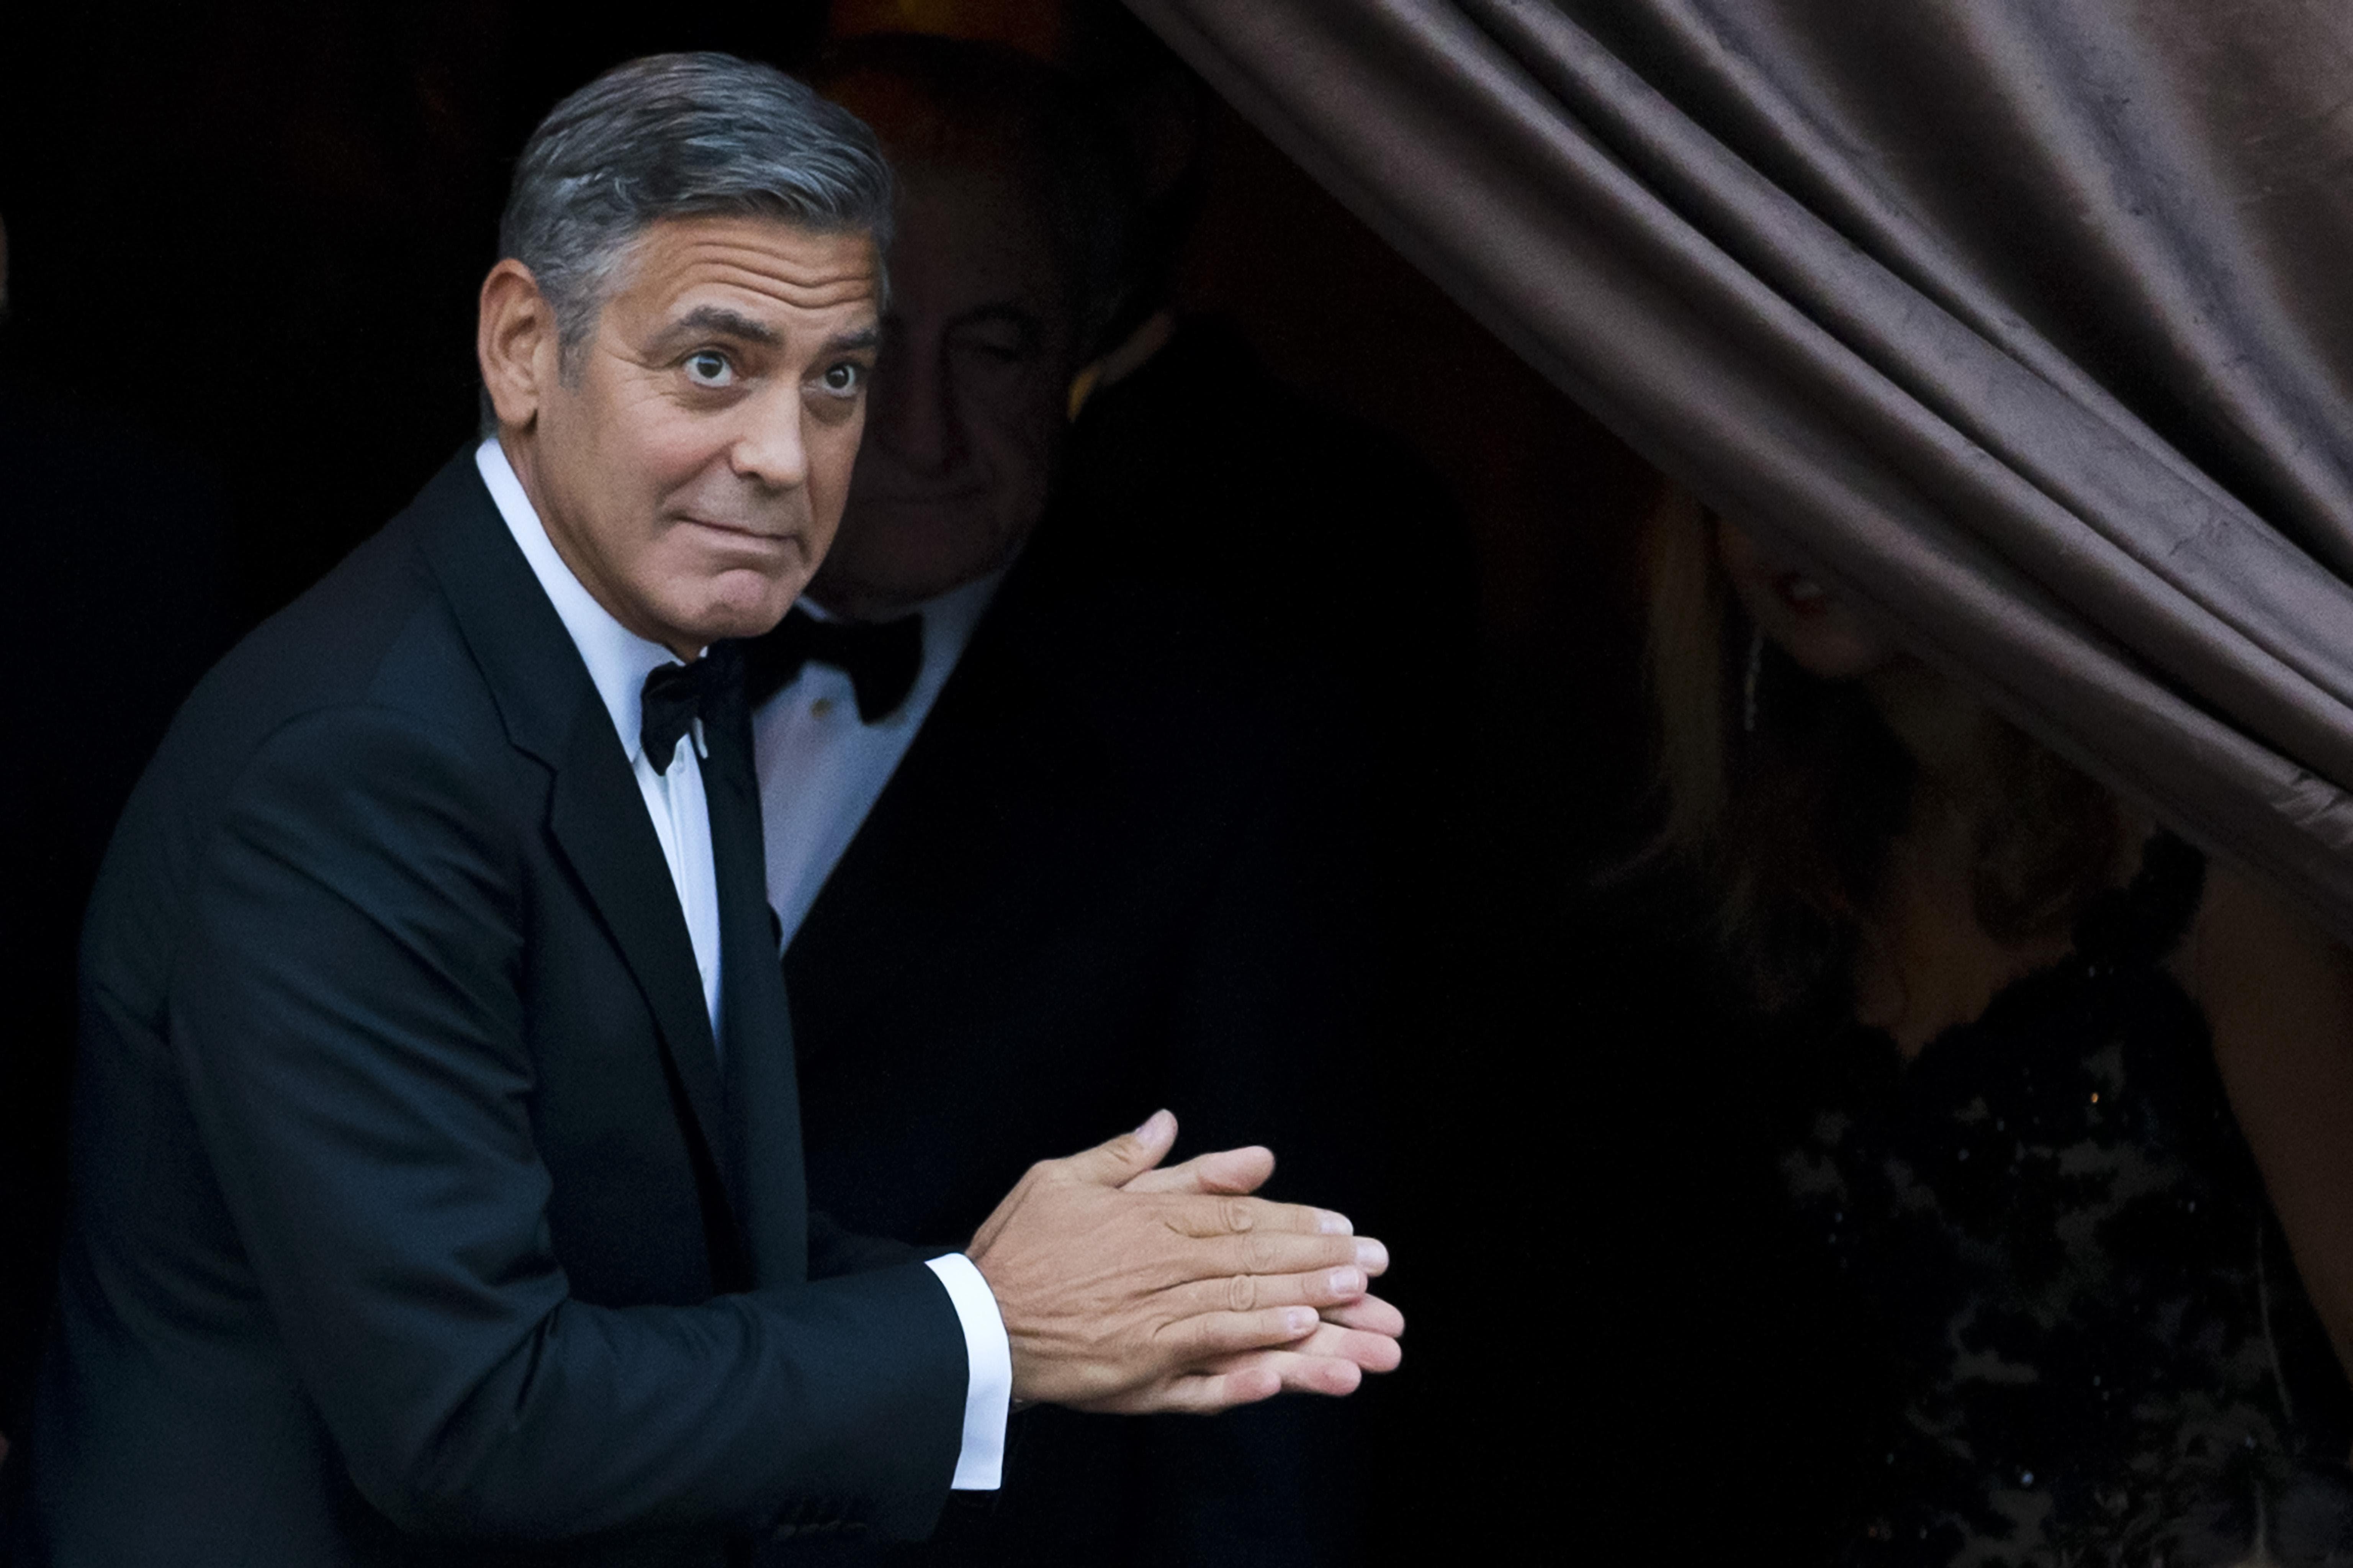 George Clooney Free